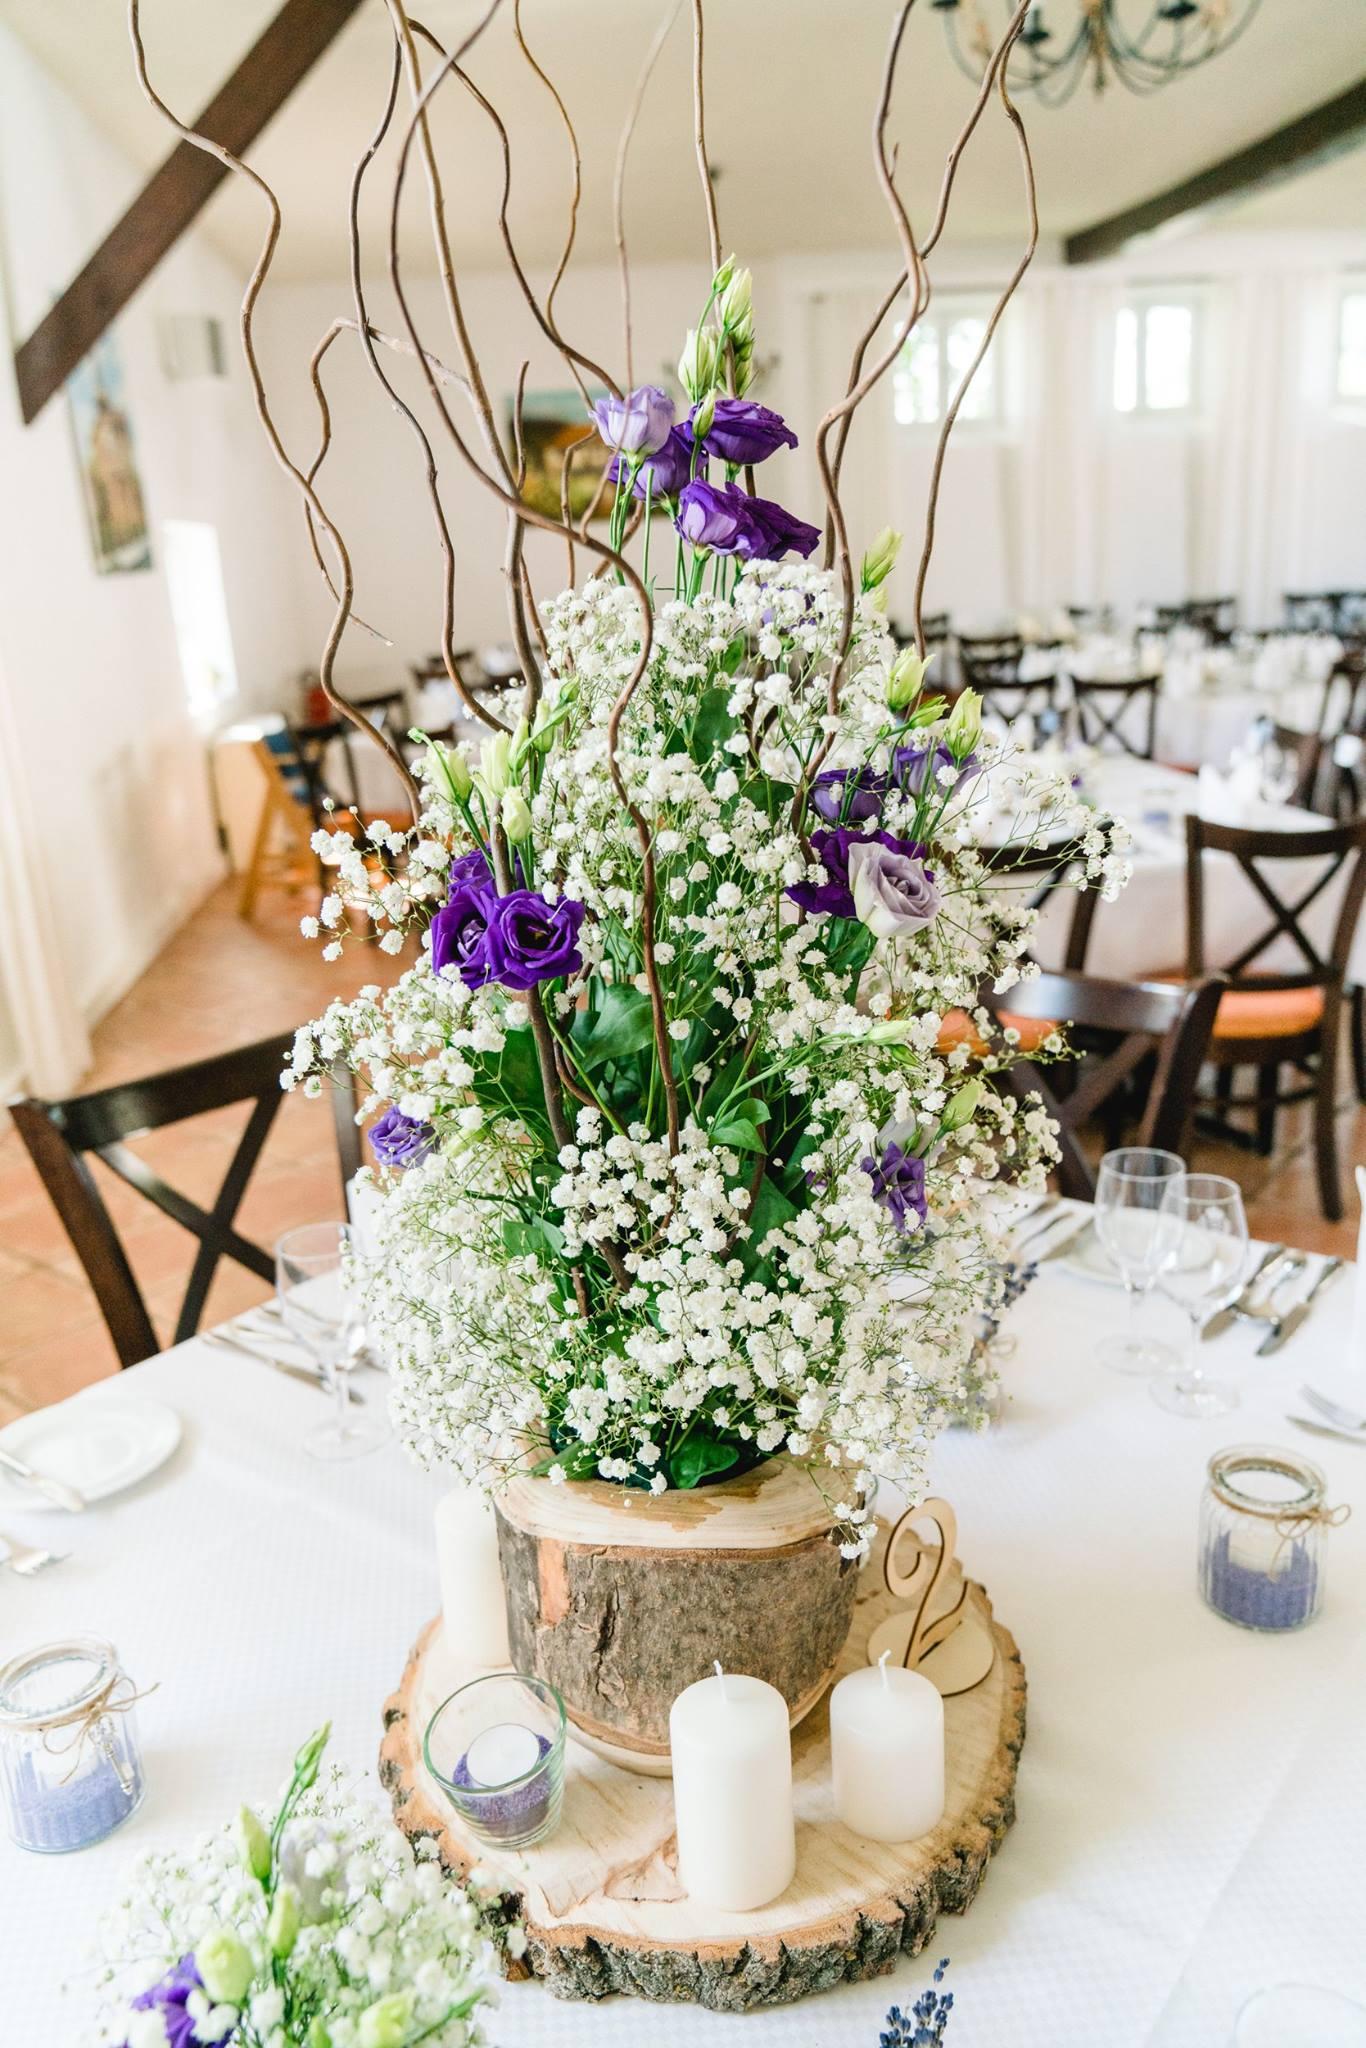 Rustikale Dekoration fabrik der liebe romantisch rustikale dekoration auf dem